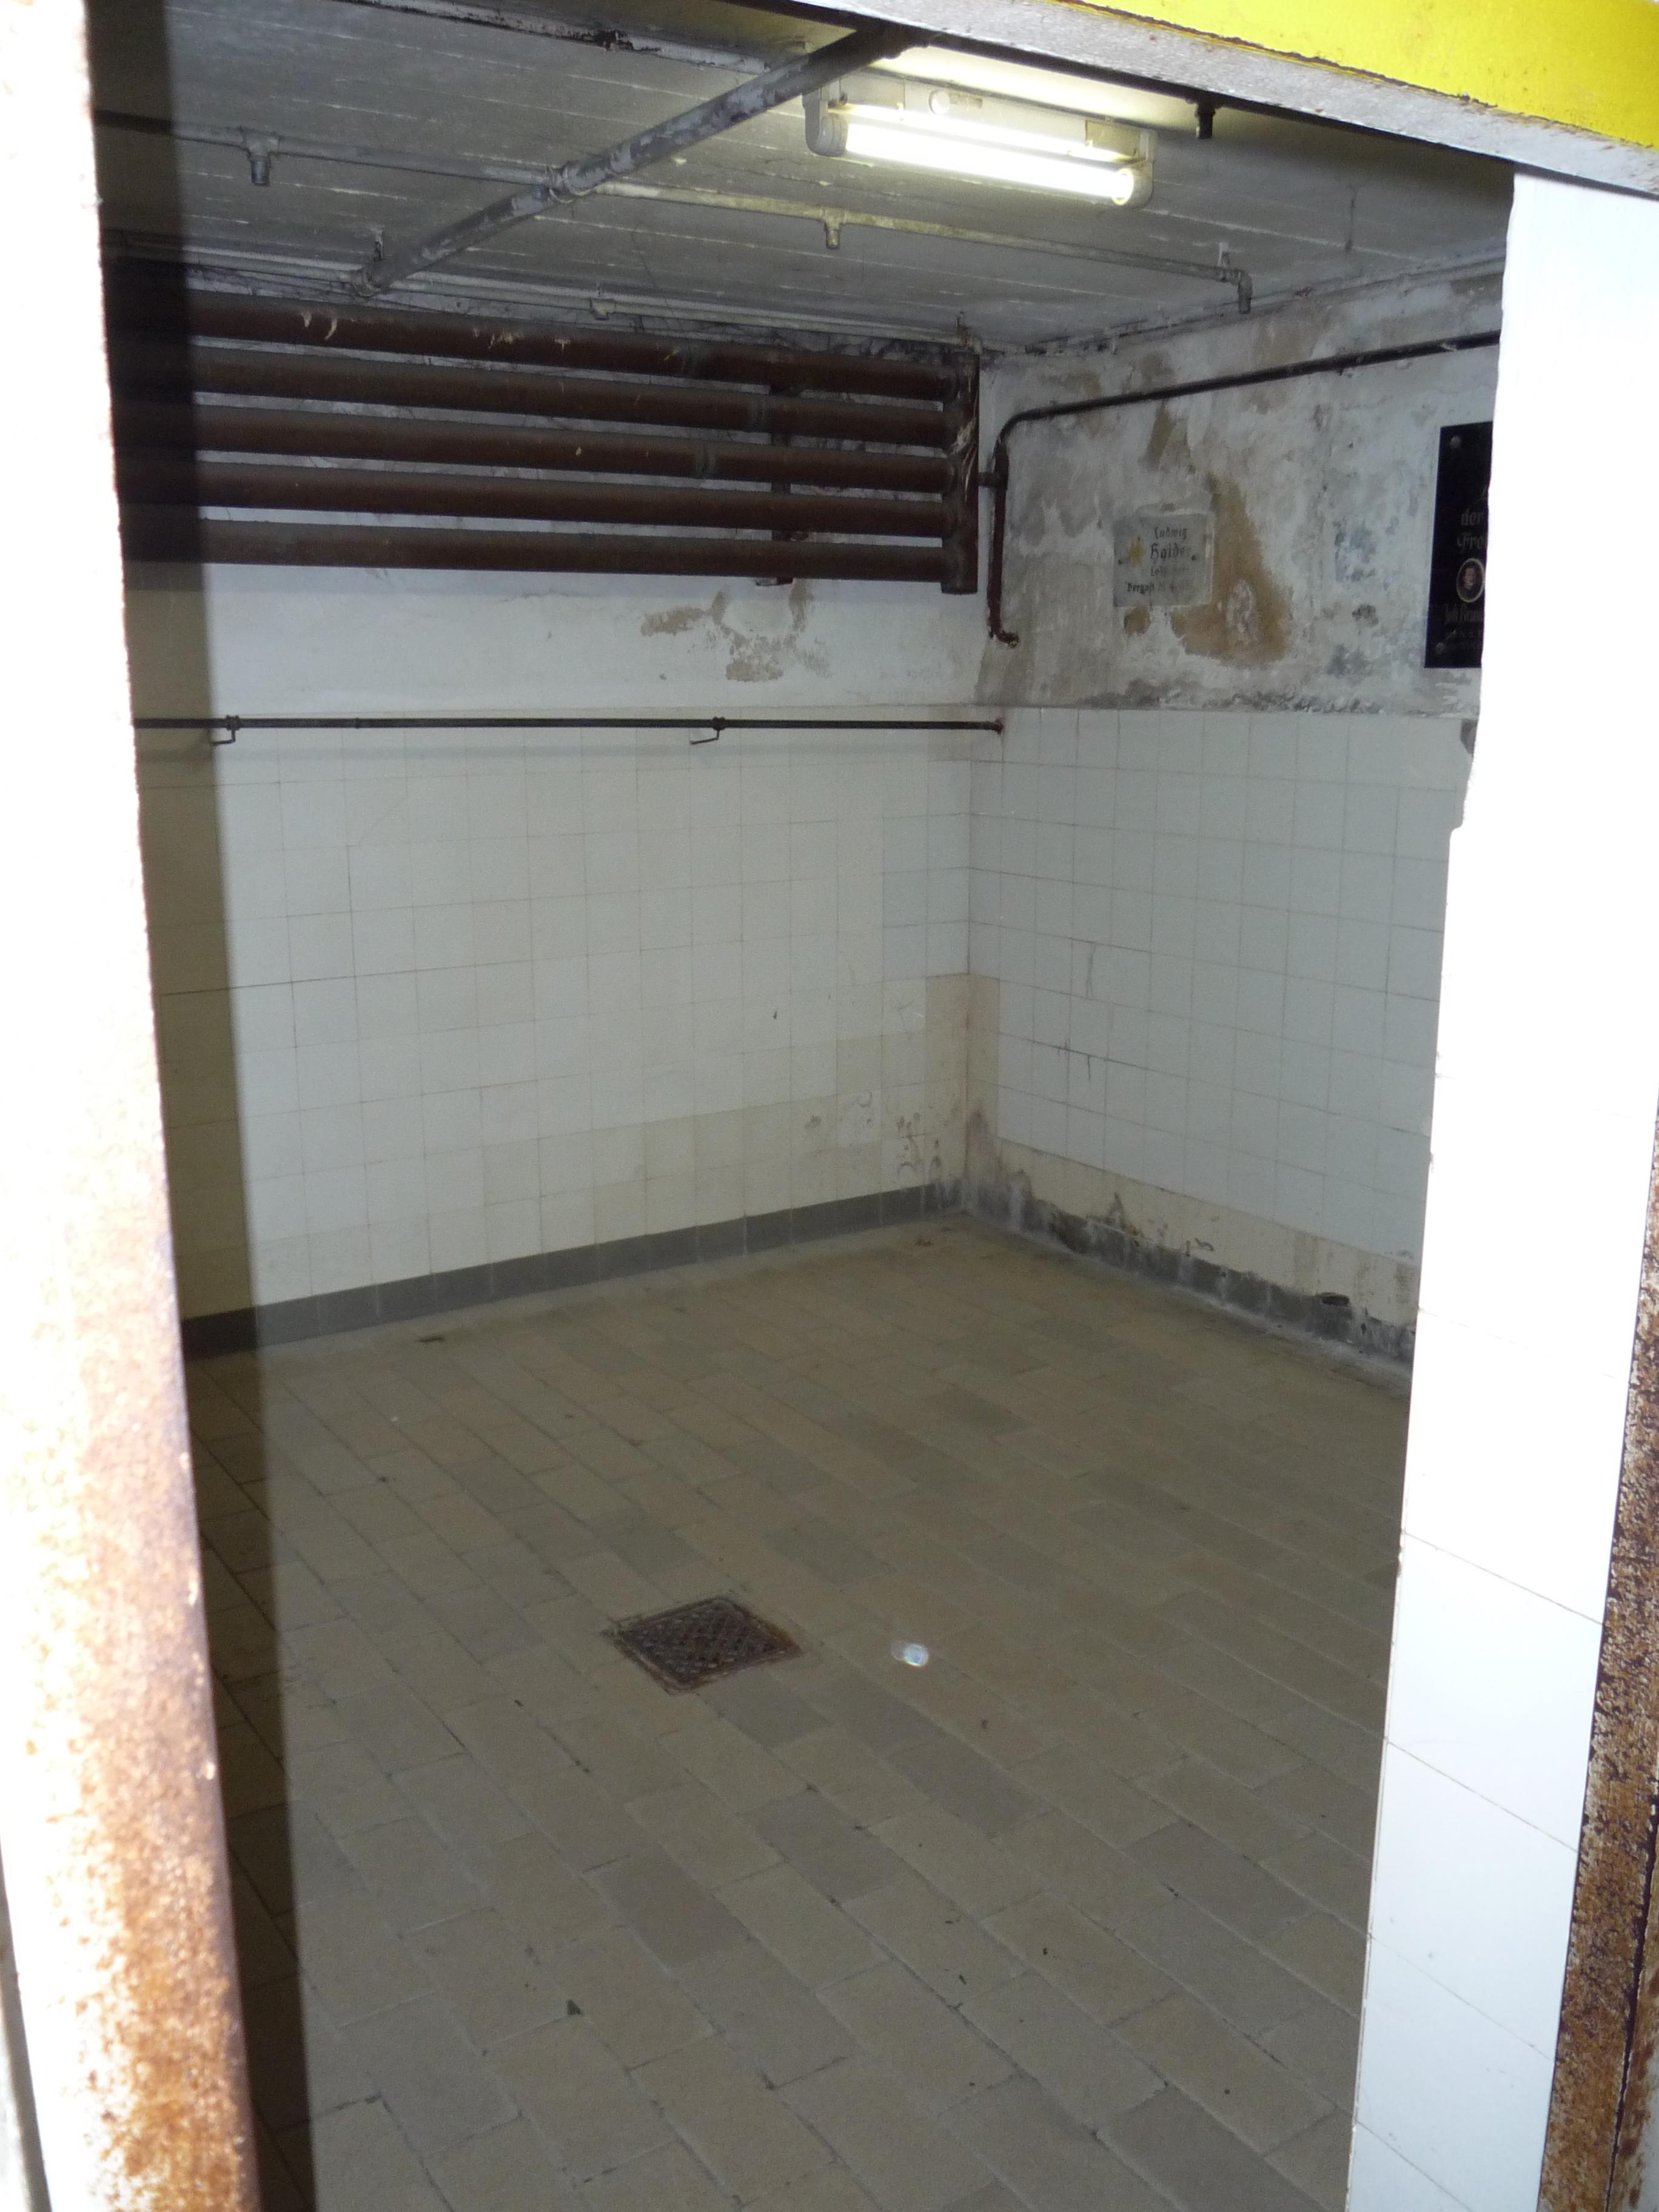 File chambre gaz vue depuis l 39 entr e du camp de for Camp du struthof chambre a gaz